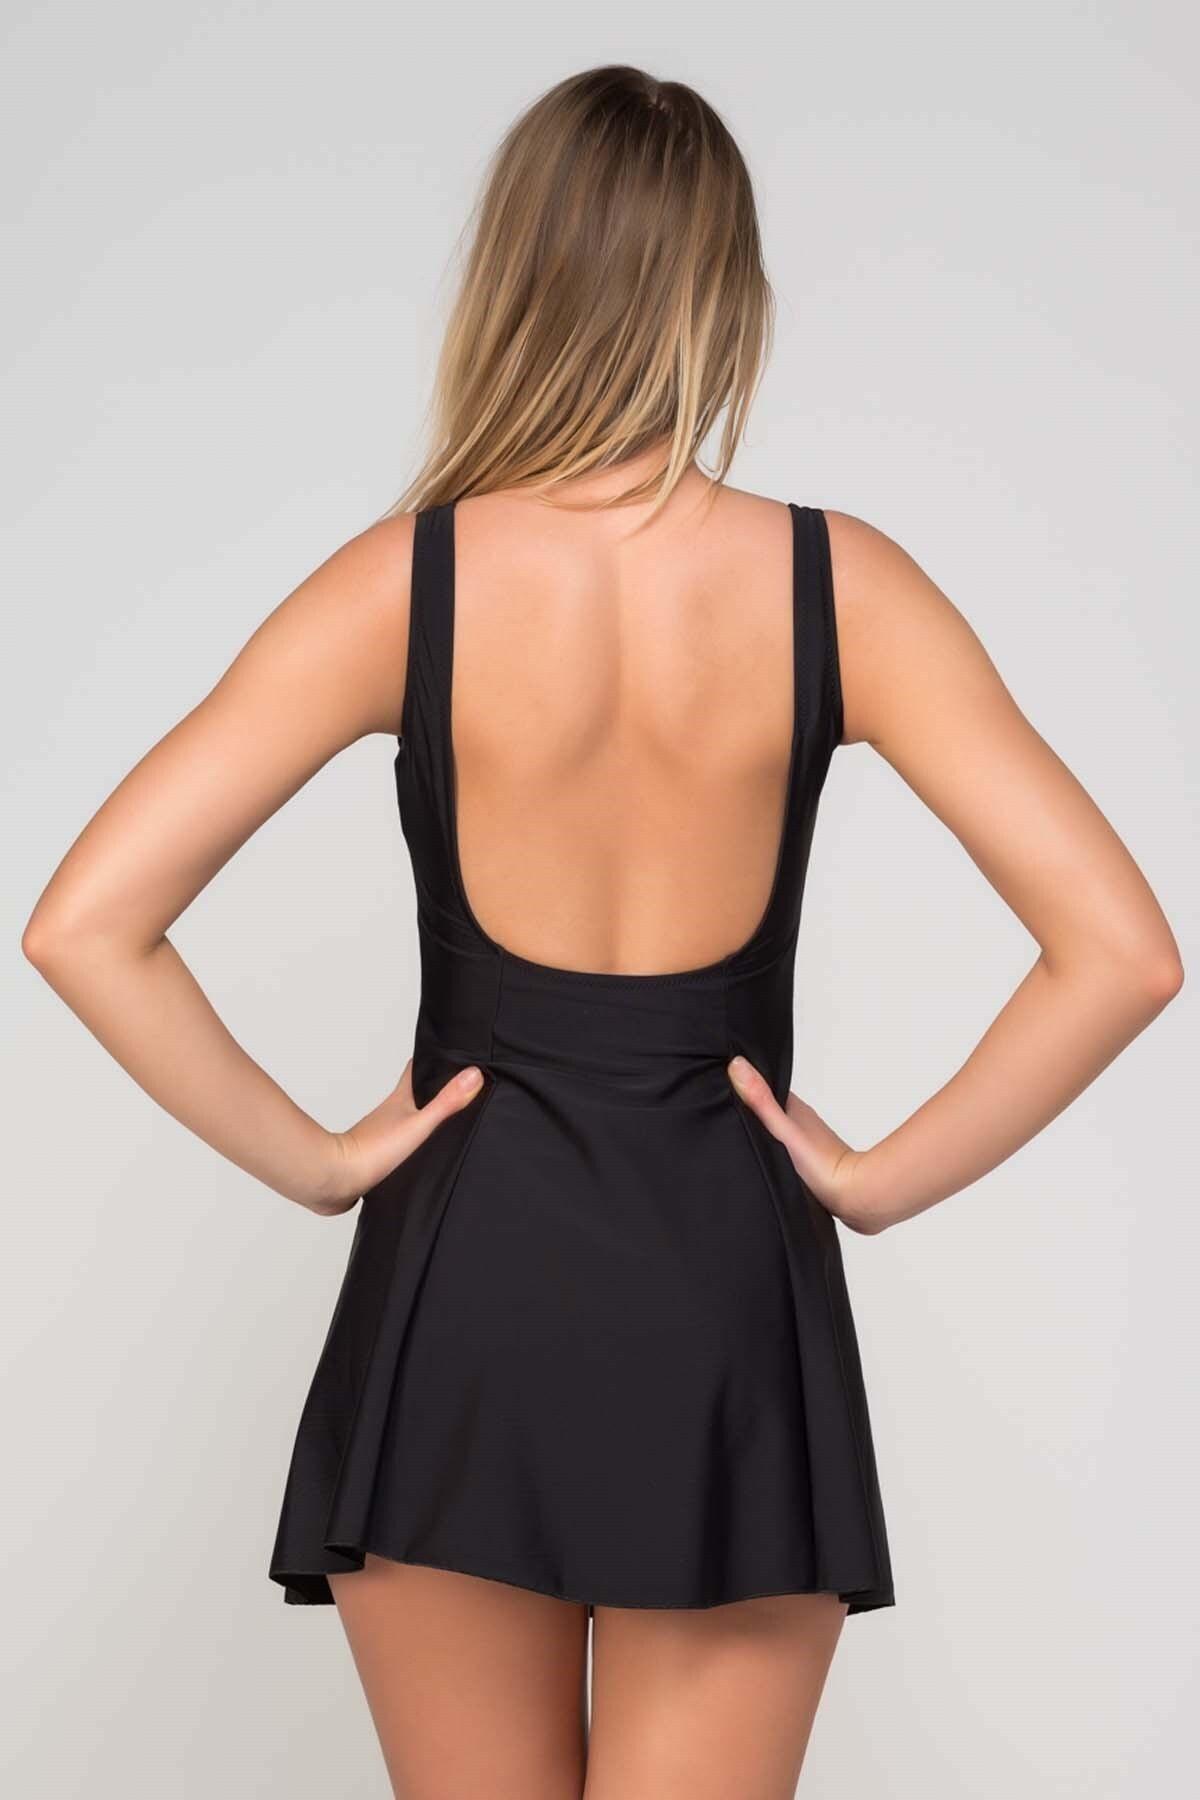 CAMASIRCITY Kadın Siyah Elbise Mayo 2